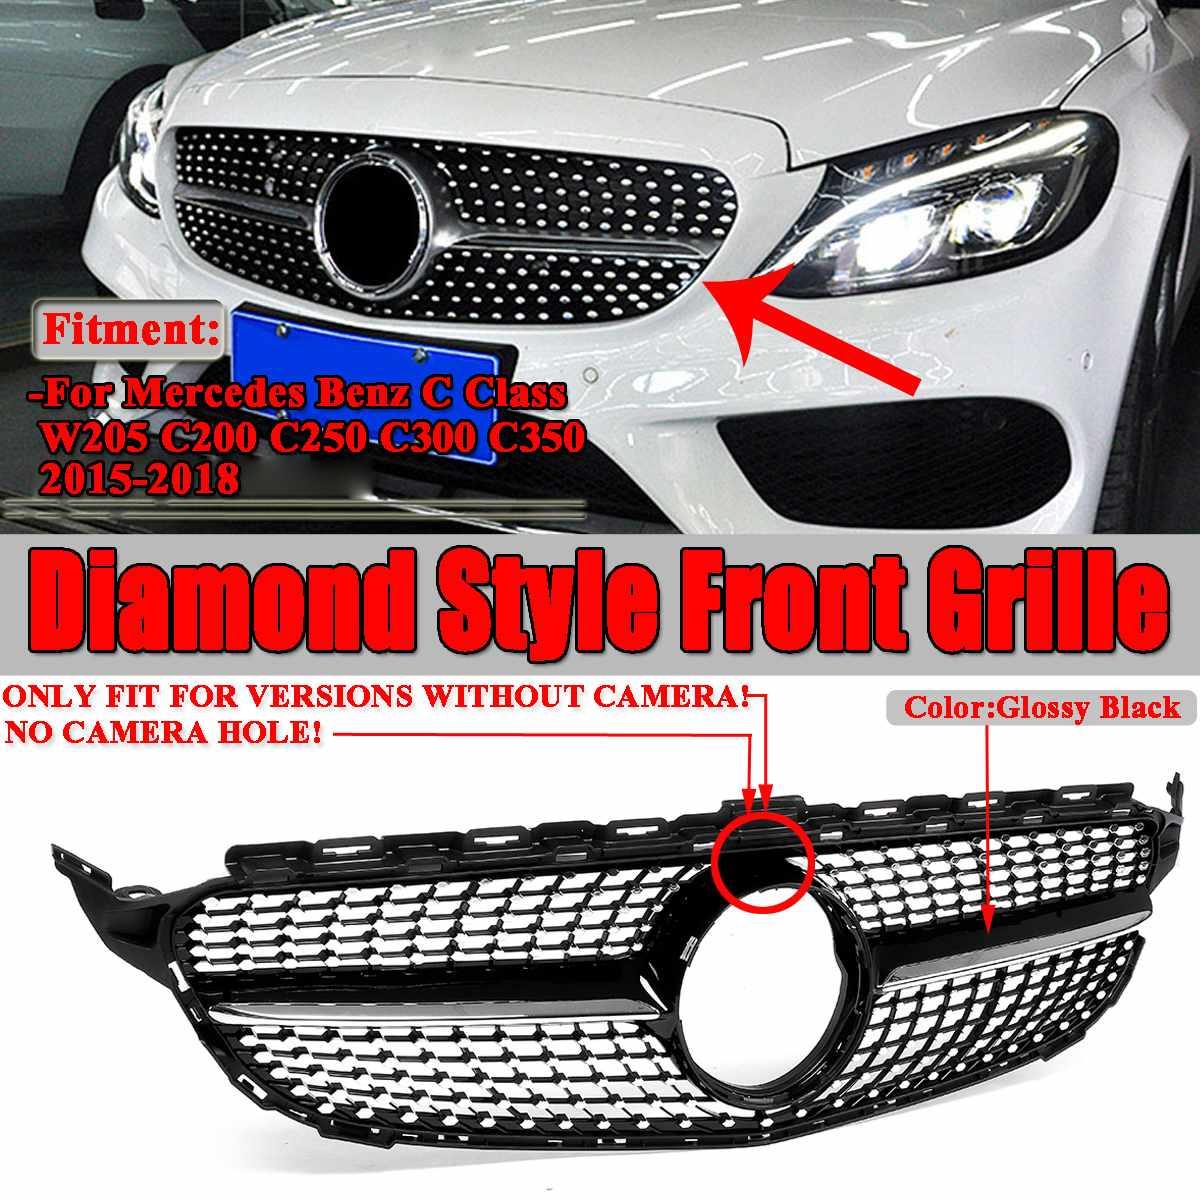 W205 Алмазный Стиль Решетка переднего бампера автомобиля сетка решетка гриль для Mercedes для Benz W205 C Class C200 C250 C300 2015 2018